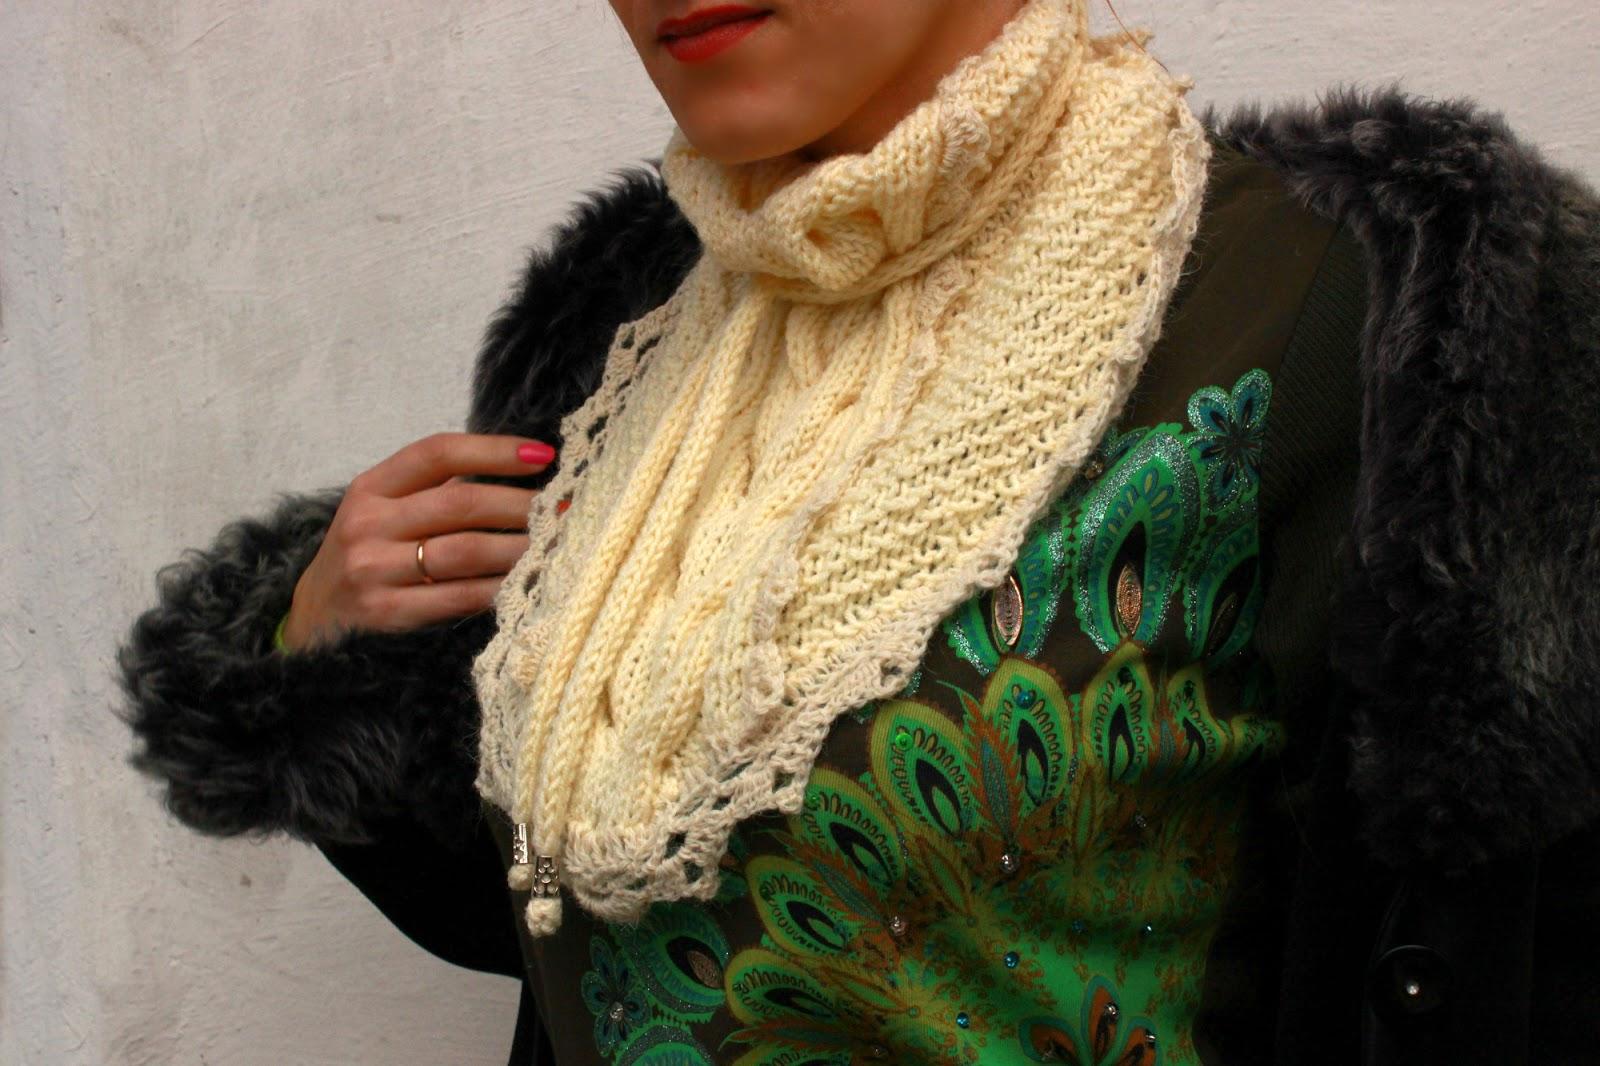 бактус, вязаная косынка, необычный шарф, ажурный бактус, красивый шарф, горжетка, вязаный бактус, настроение своими руками, Яна SunRay